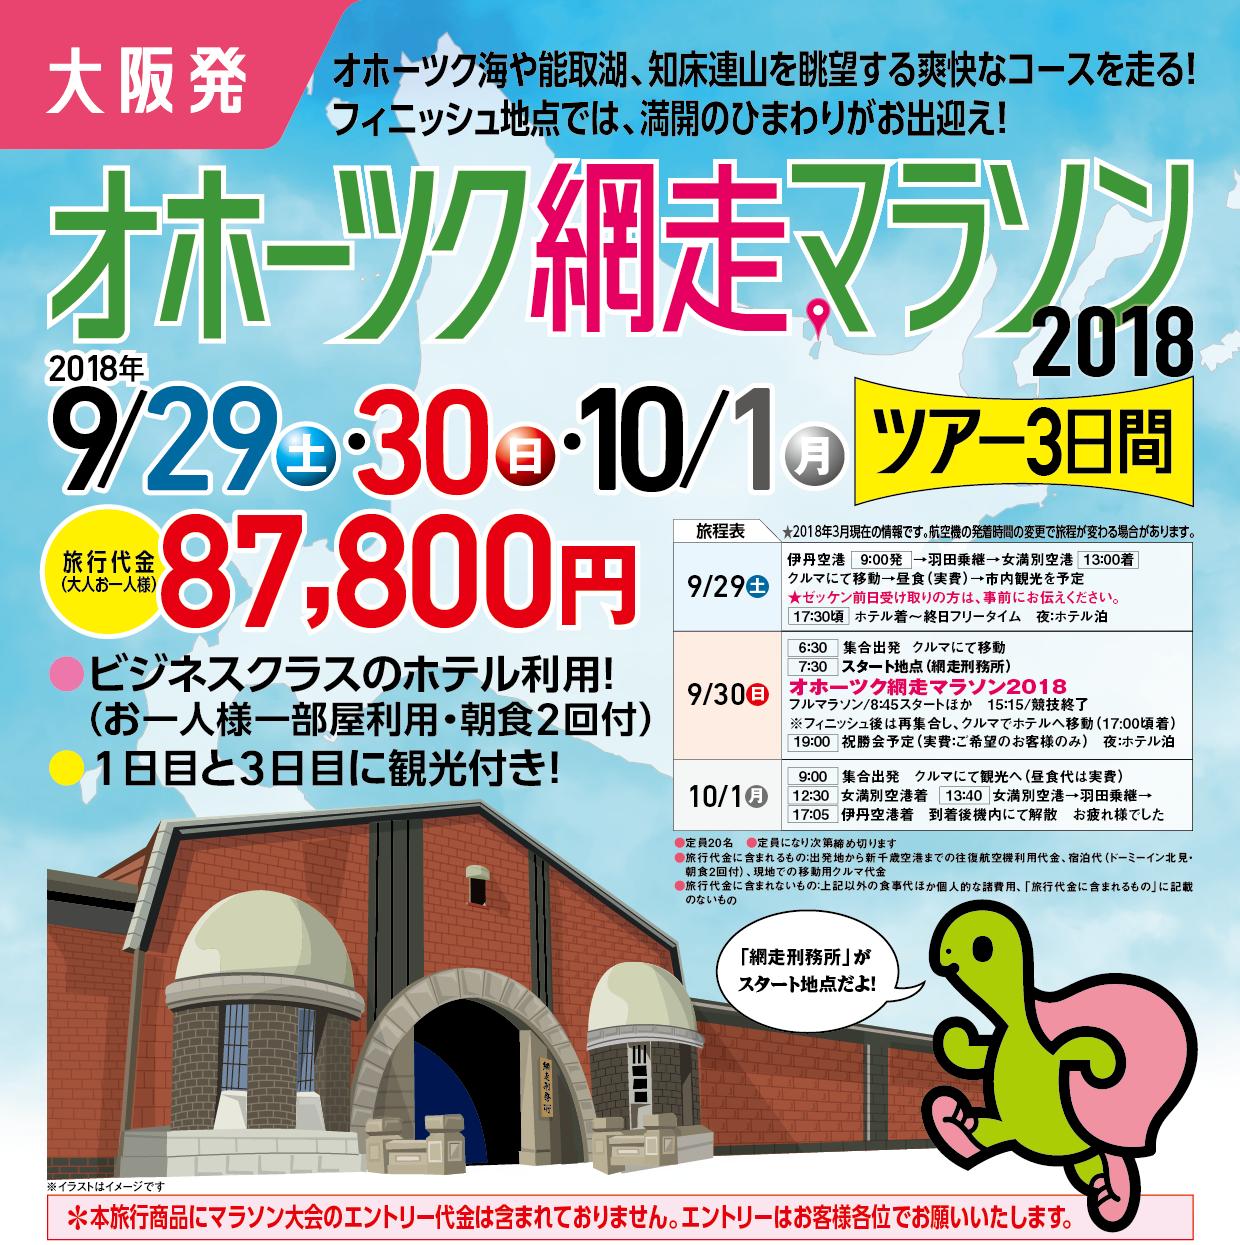 オホーツク網走マラソン2018 ツアー3日間〈大阪発〉